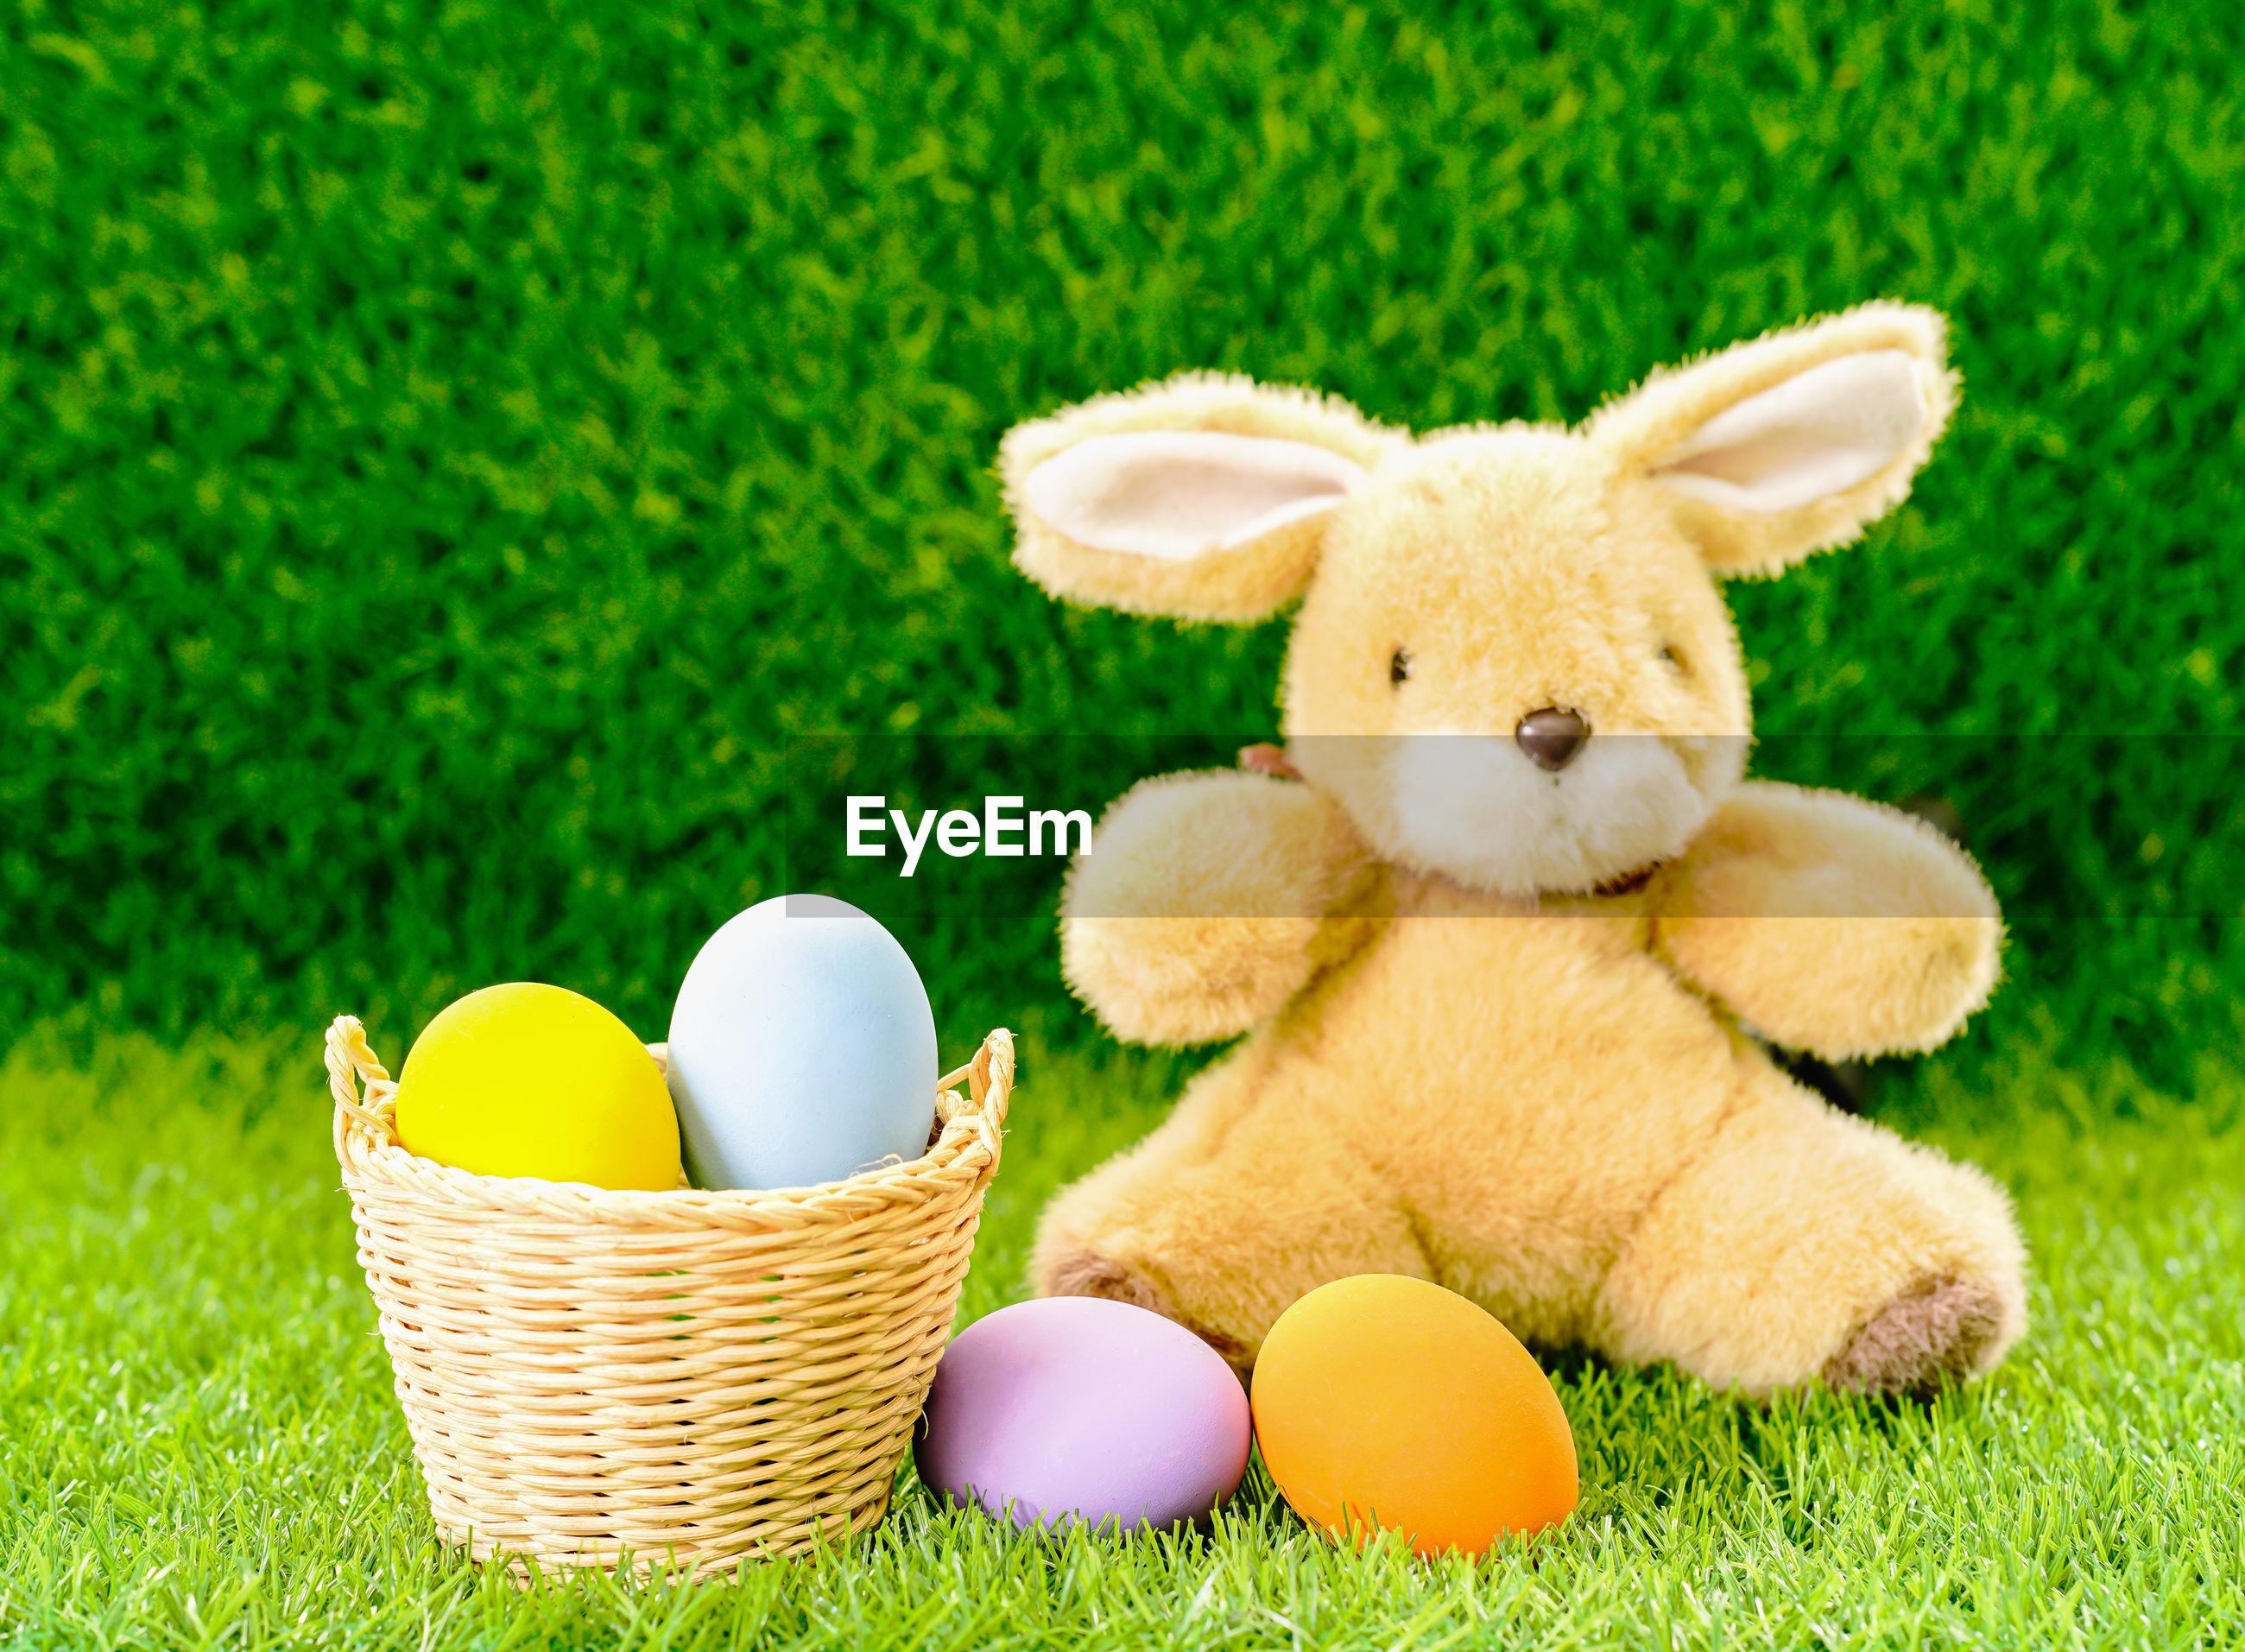 Stuffed toy in basket